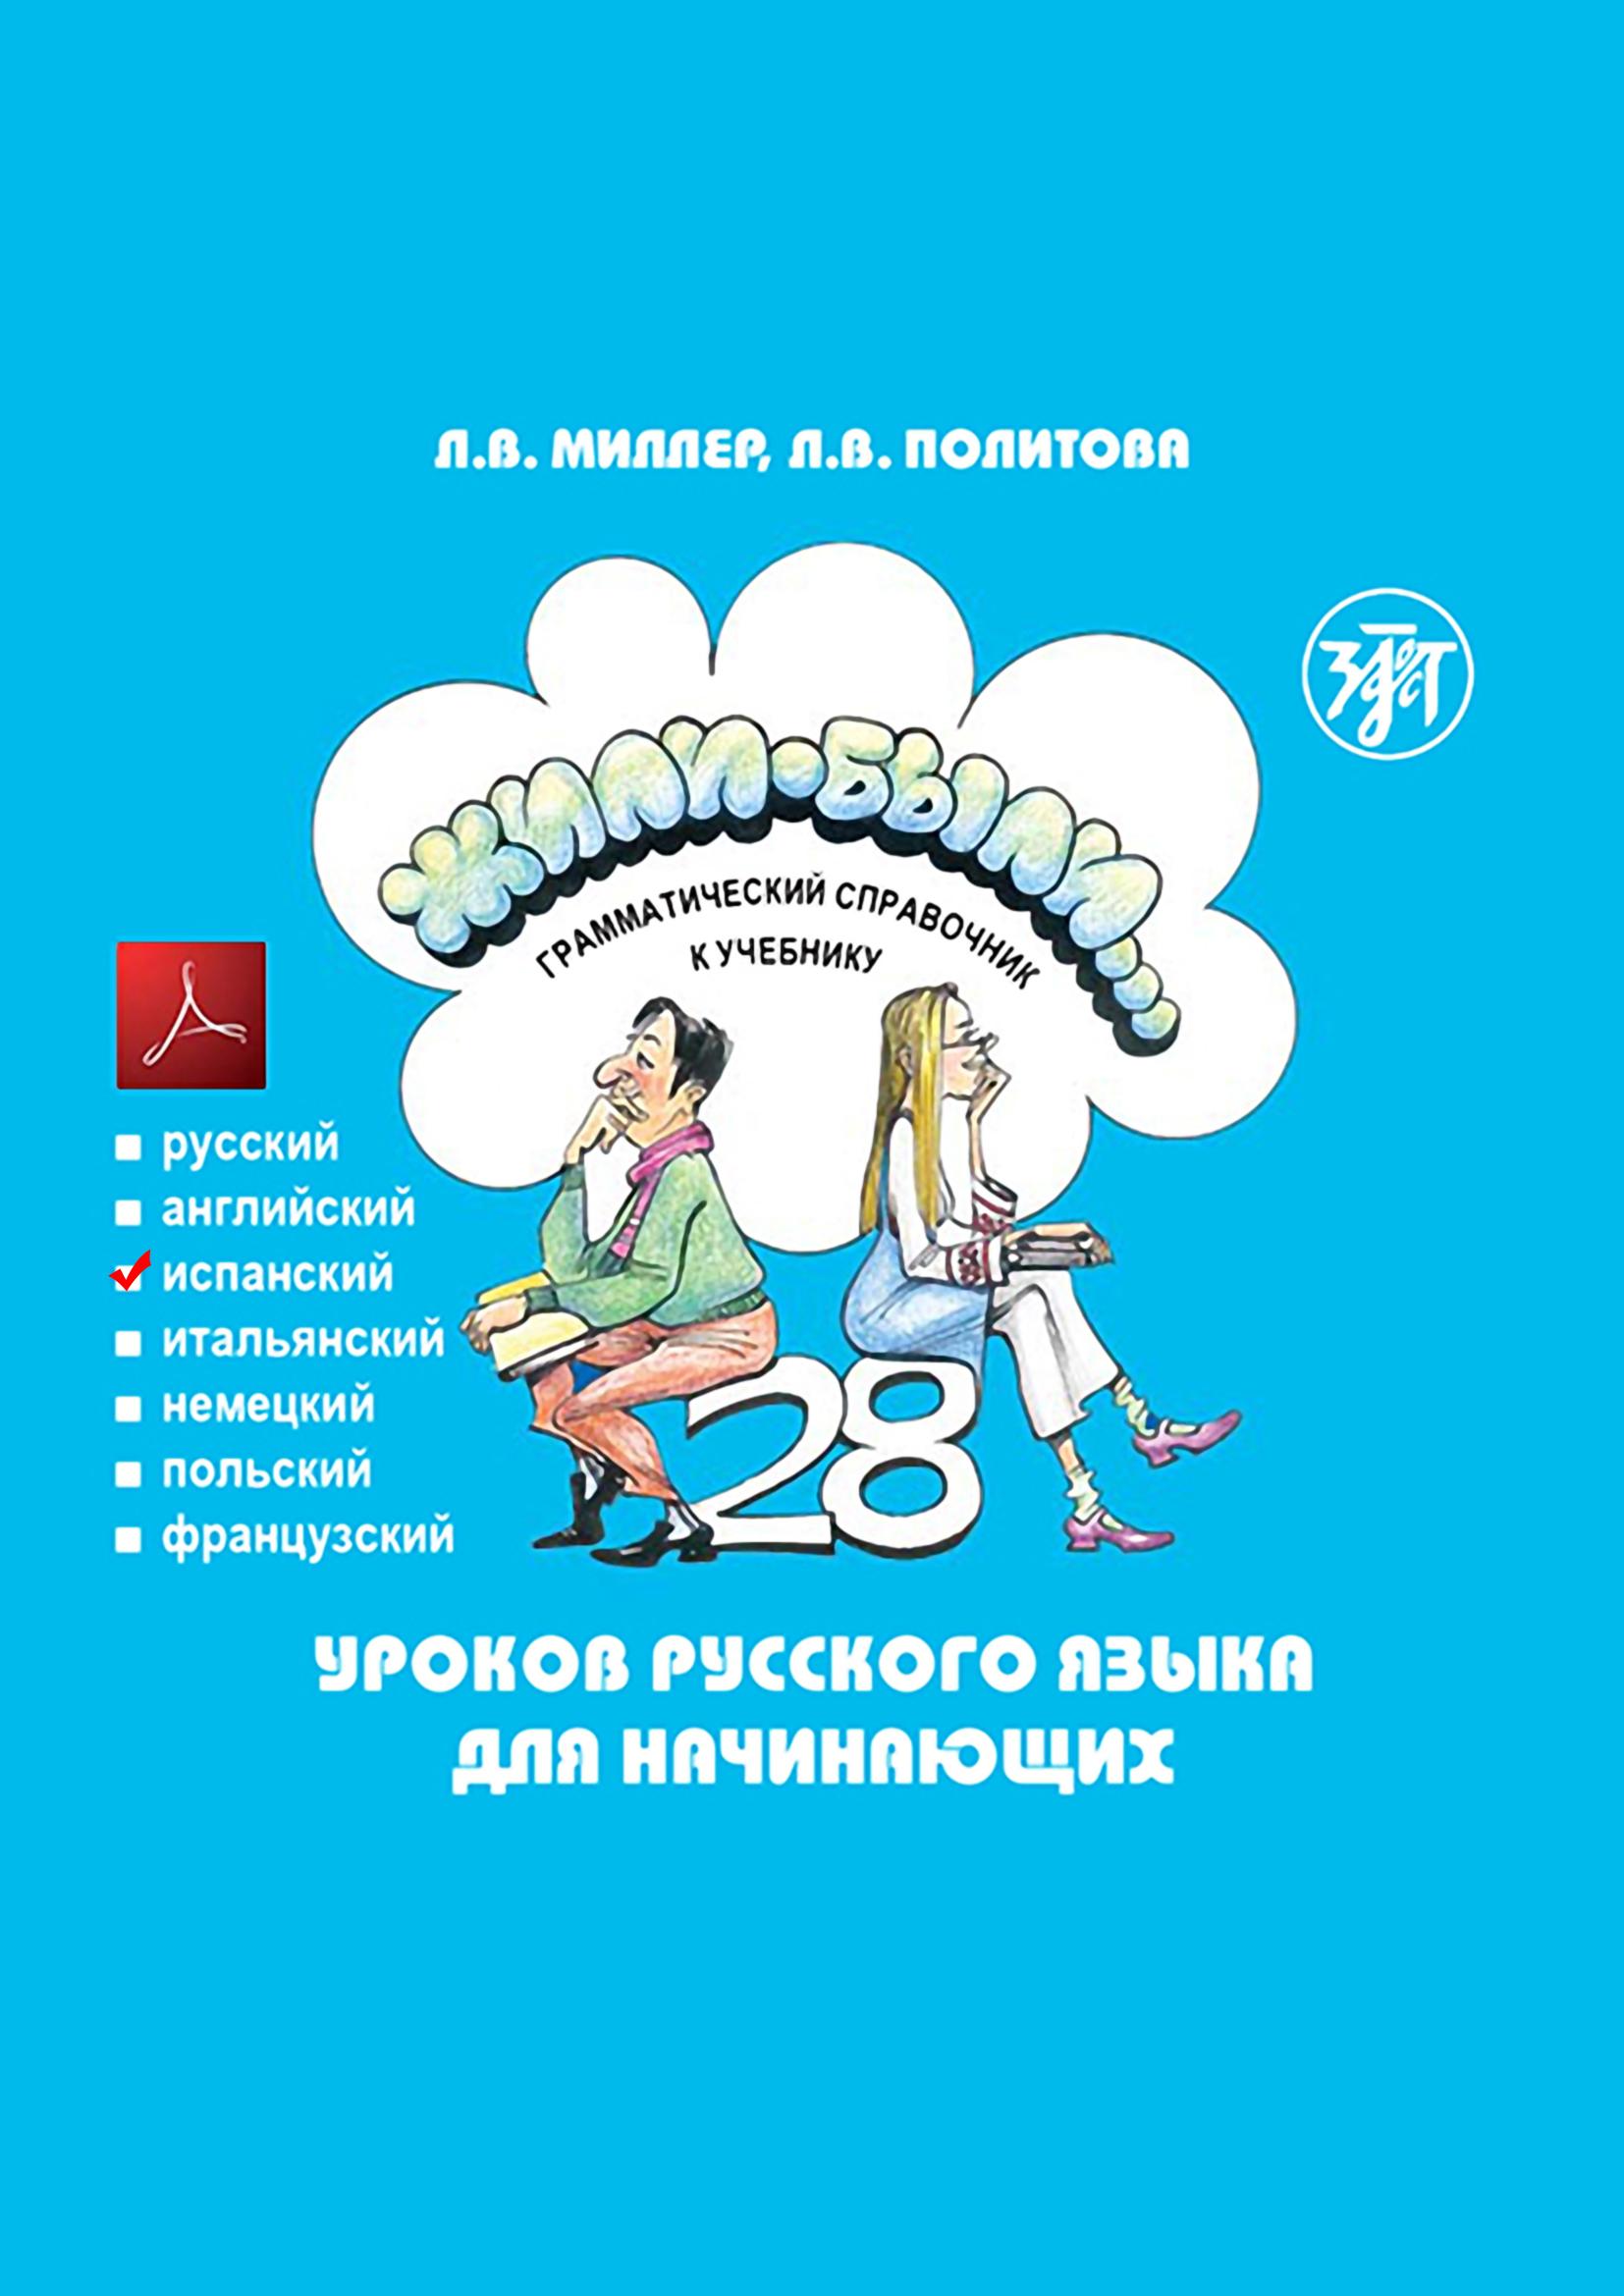 Л. В. Политова Жили-были… 28 уроков русского языка для начинающих. Грамматический справочник к учебнику. Испанская версия цены онлайн